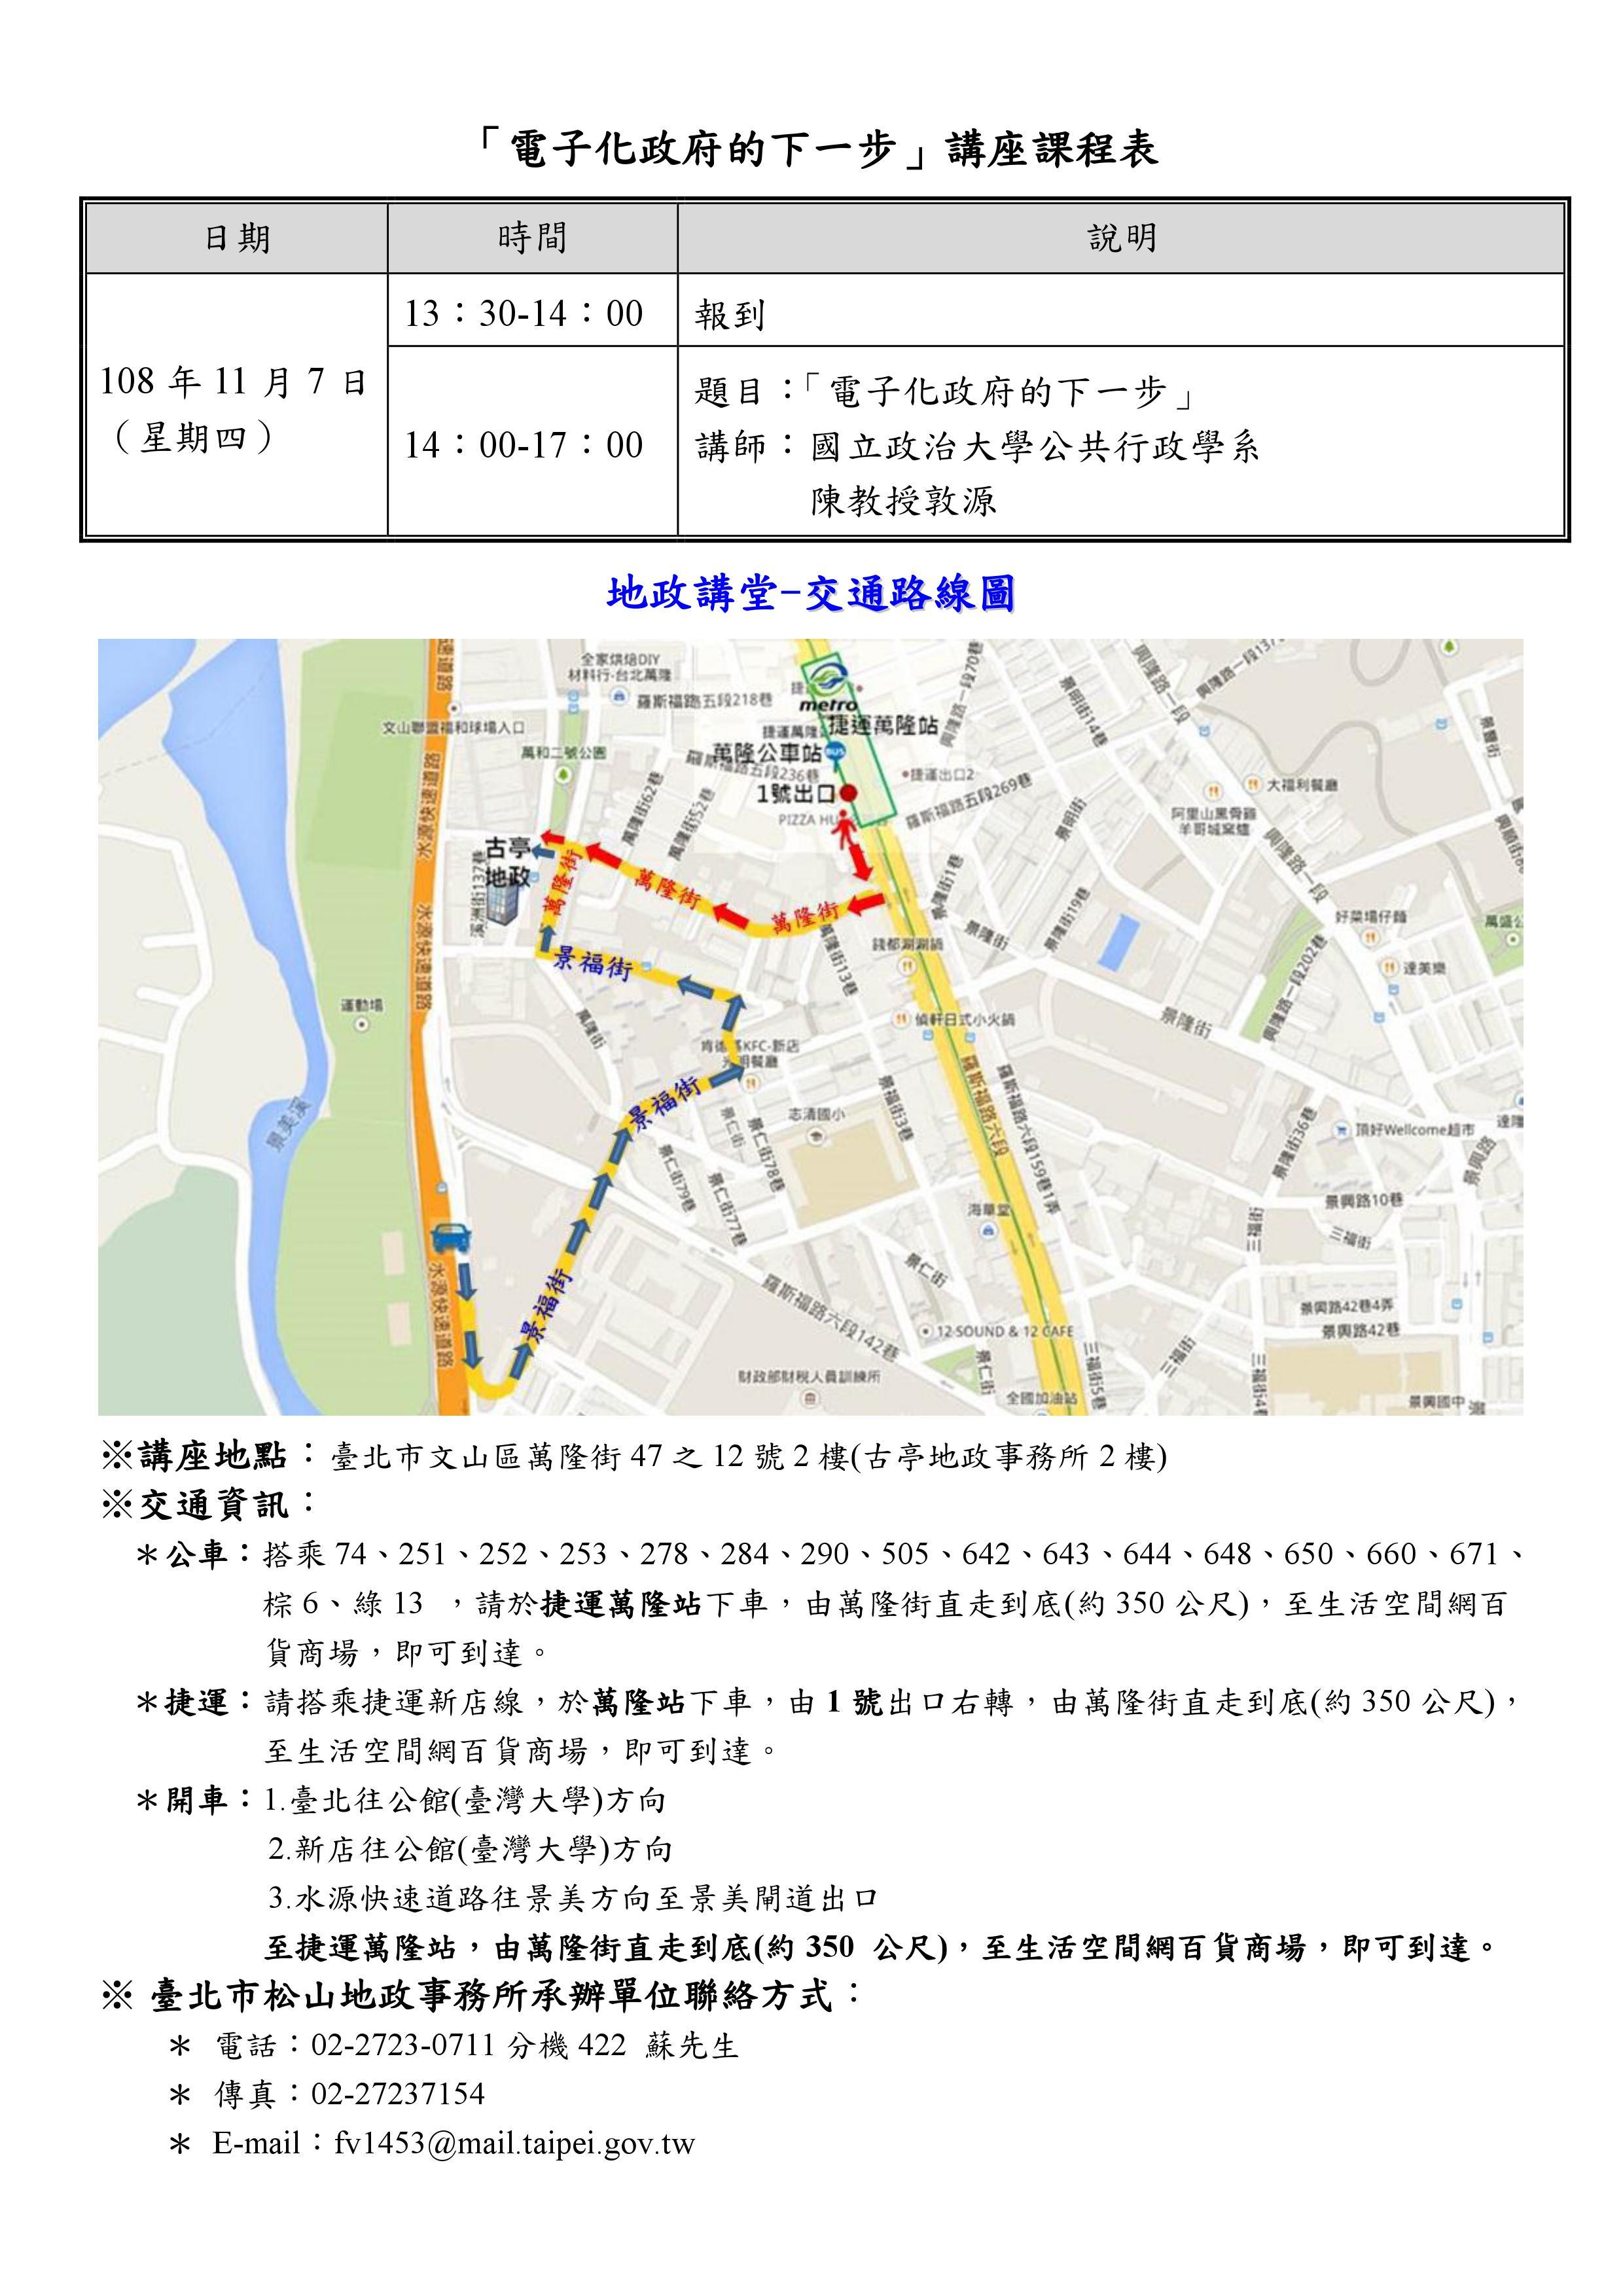 講座課程表與交通路線